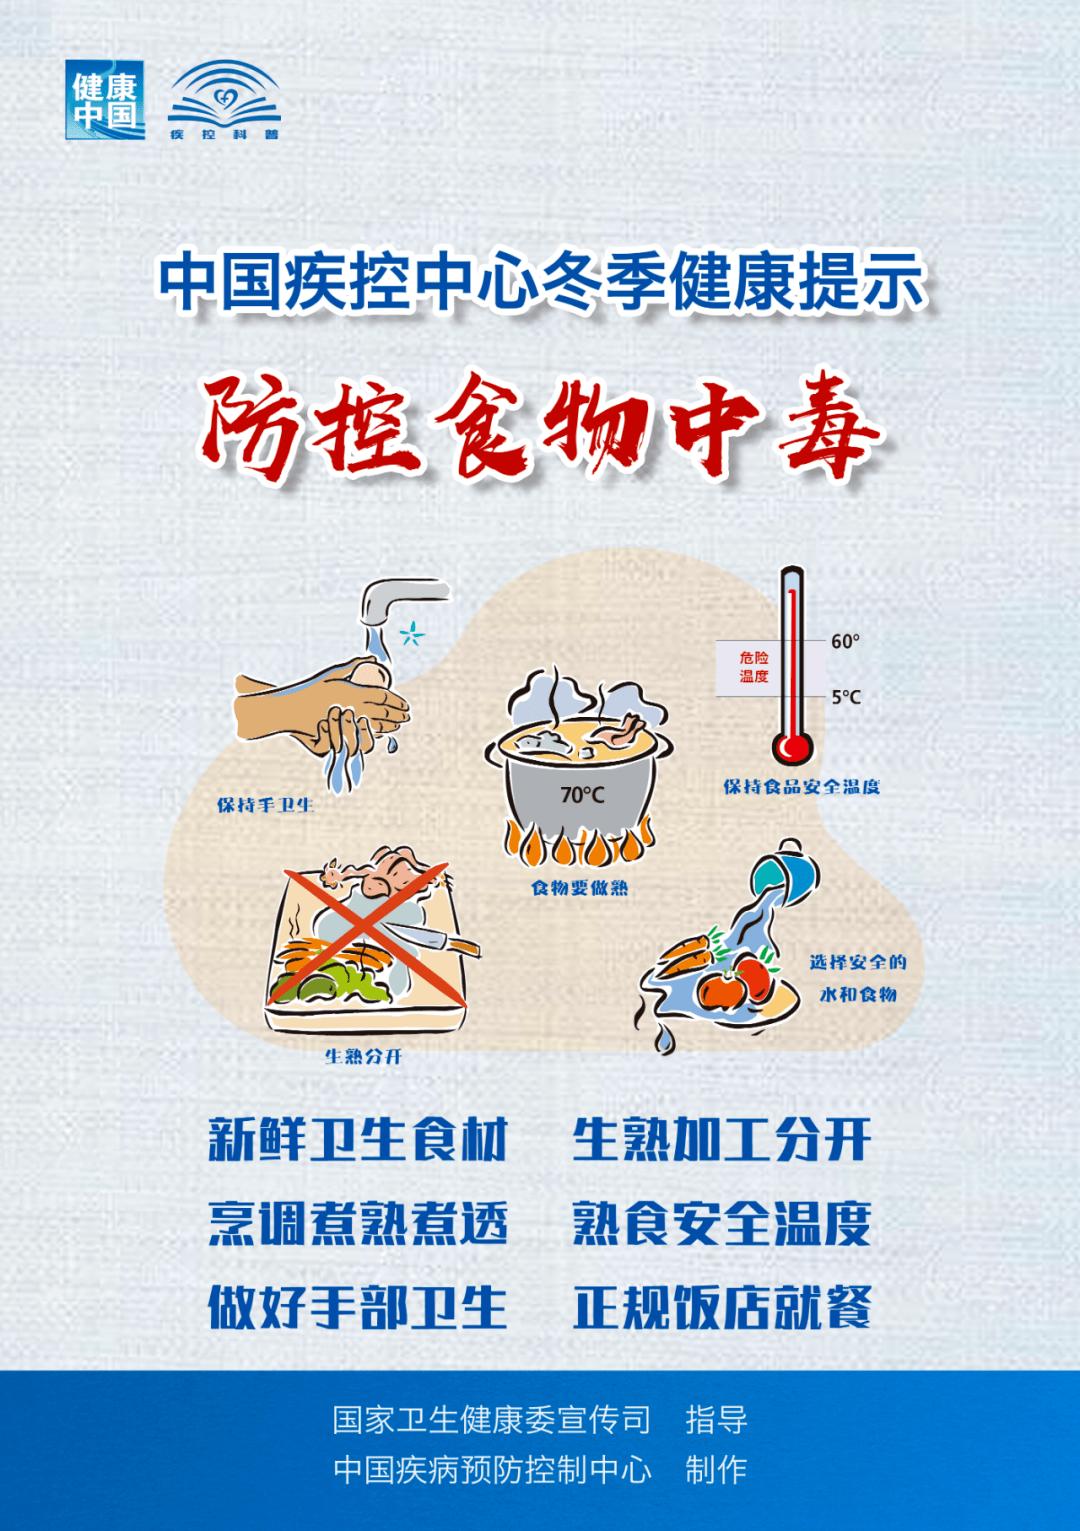 日常防控|冬季健康提示